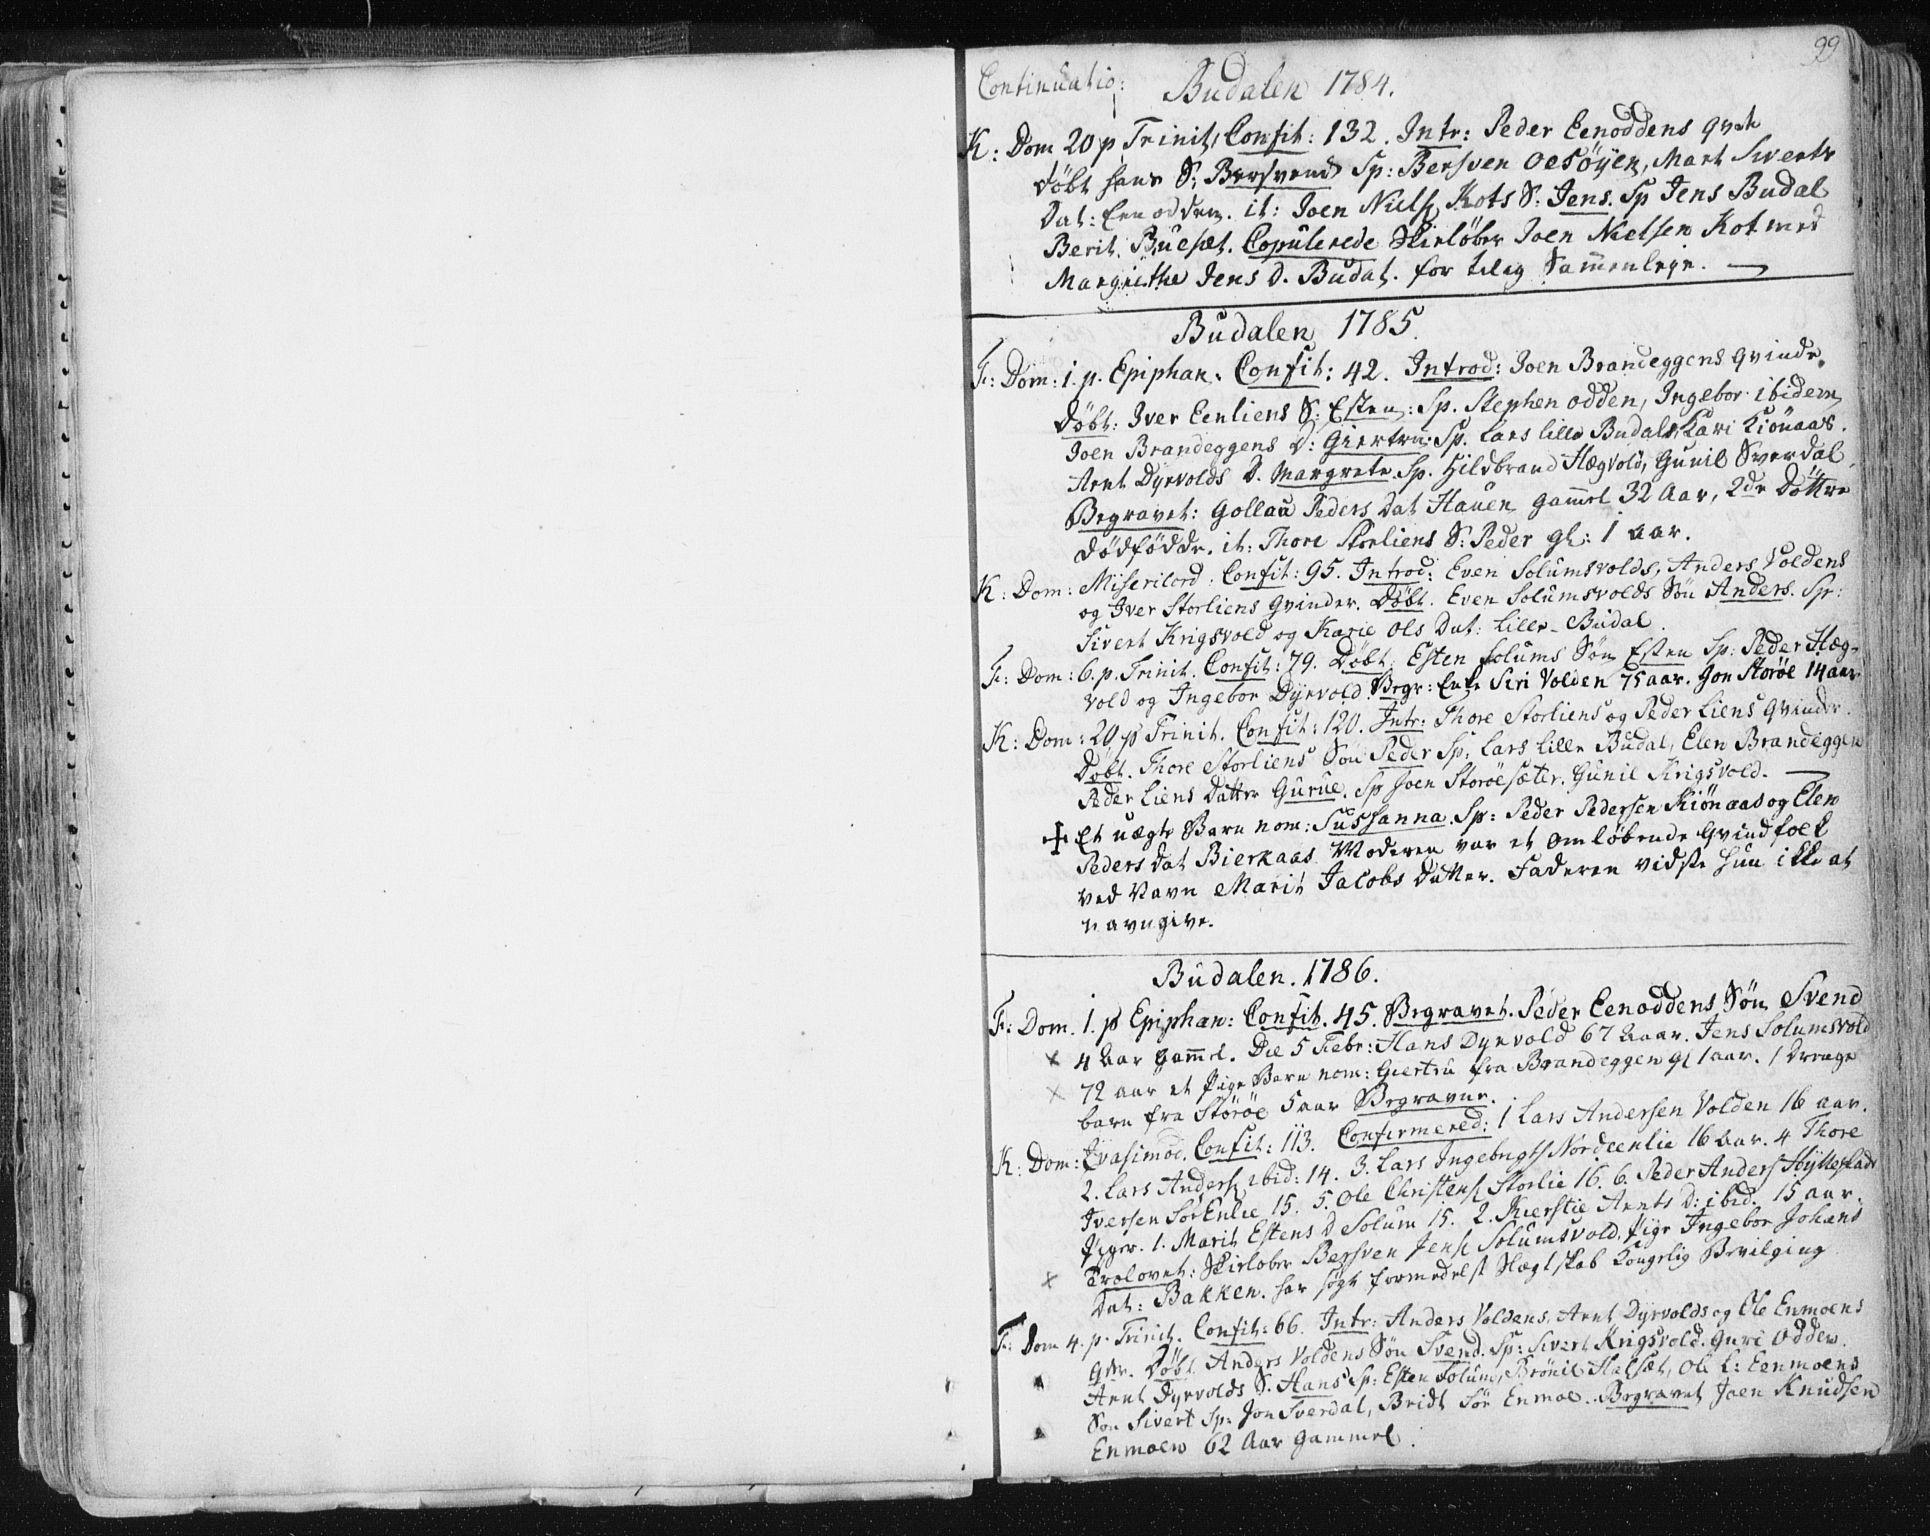 SAT, Ministerialprotokoller, klokkerbøker og fødselsregistre - Sør-Trøndelag, 687/L0991: Ministerialbok nr. 687A02, 1747-1790, s. 99